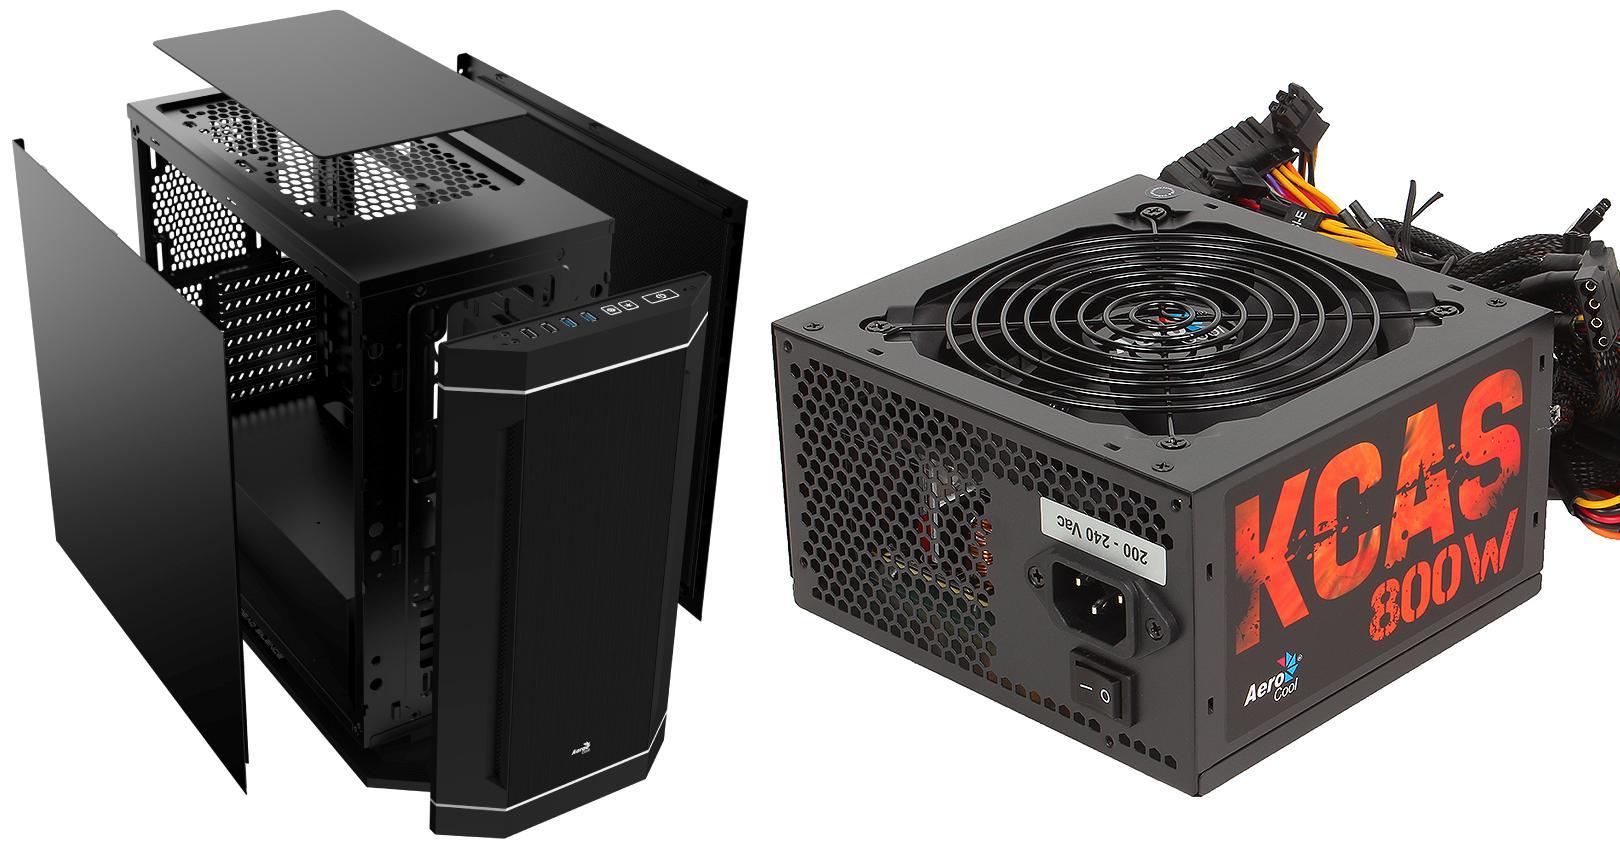 DS 230 ATX + KCAS-800W